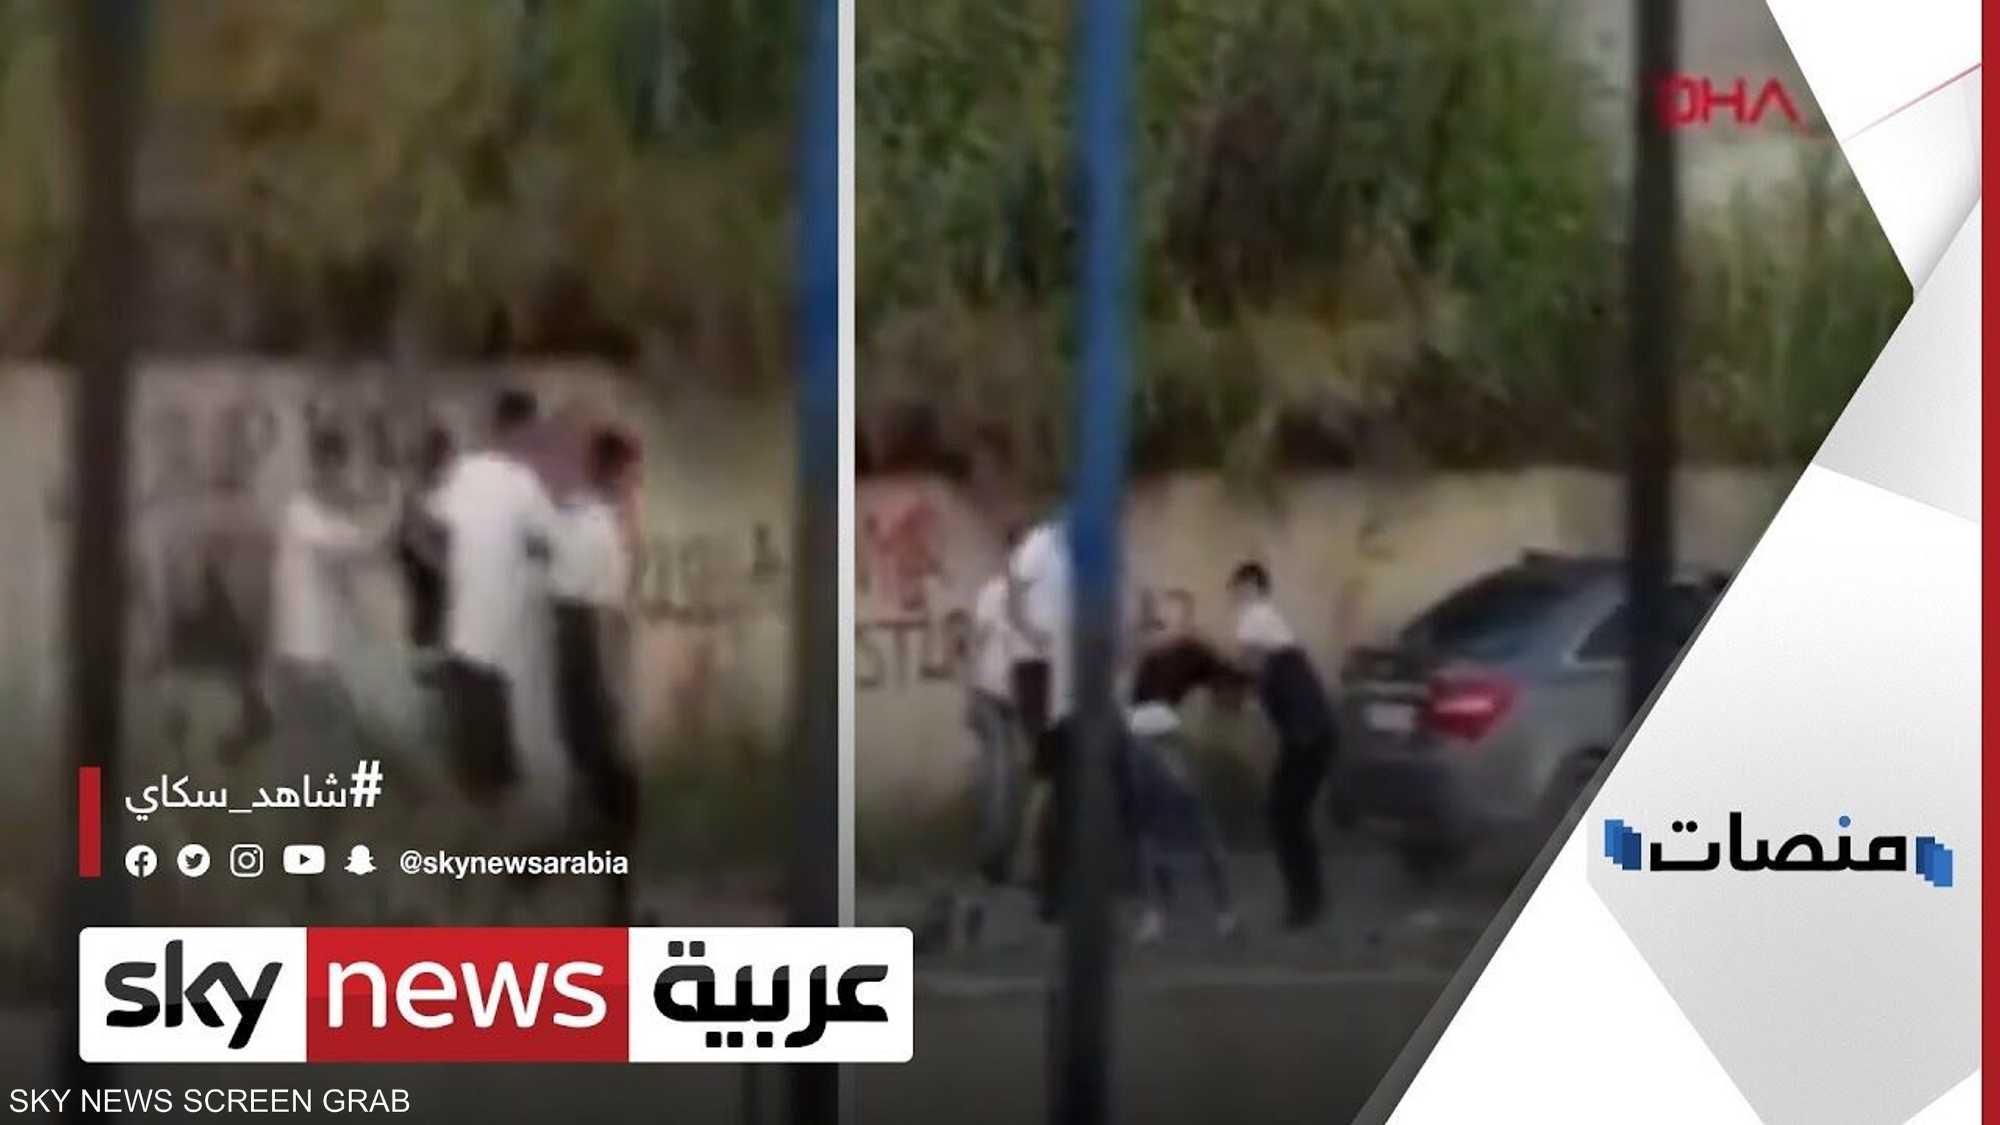 فيديو يوثق اعتداء جديدا على لاجئ سوري في تركيا